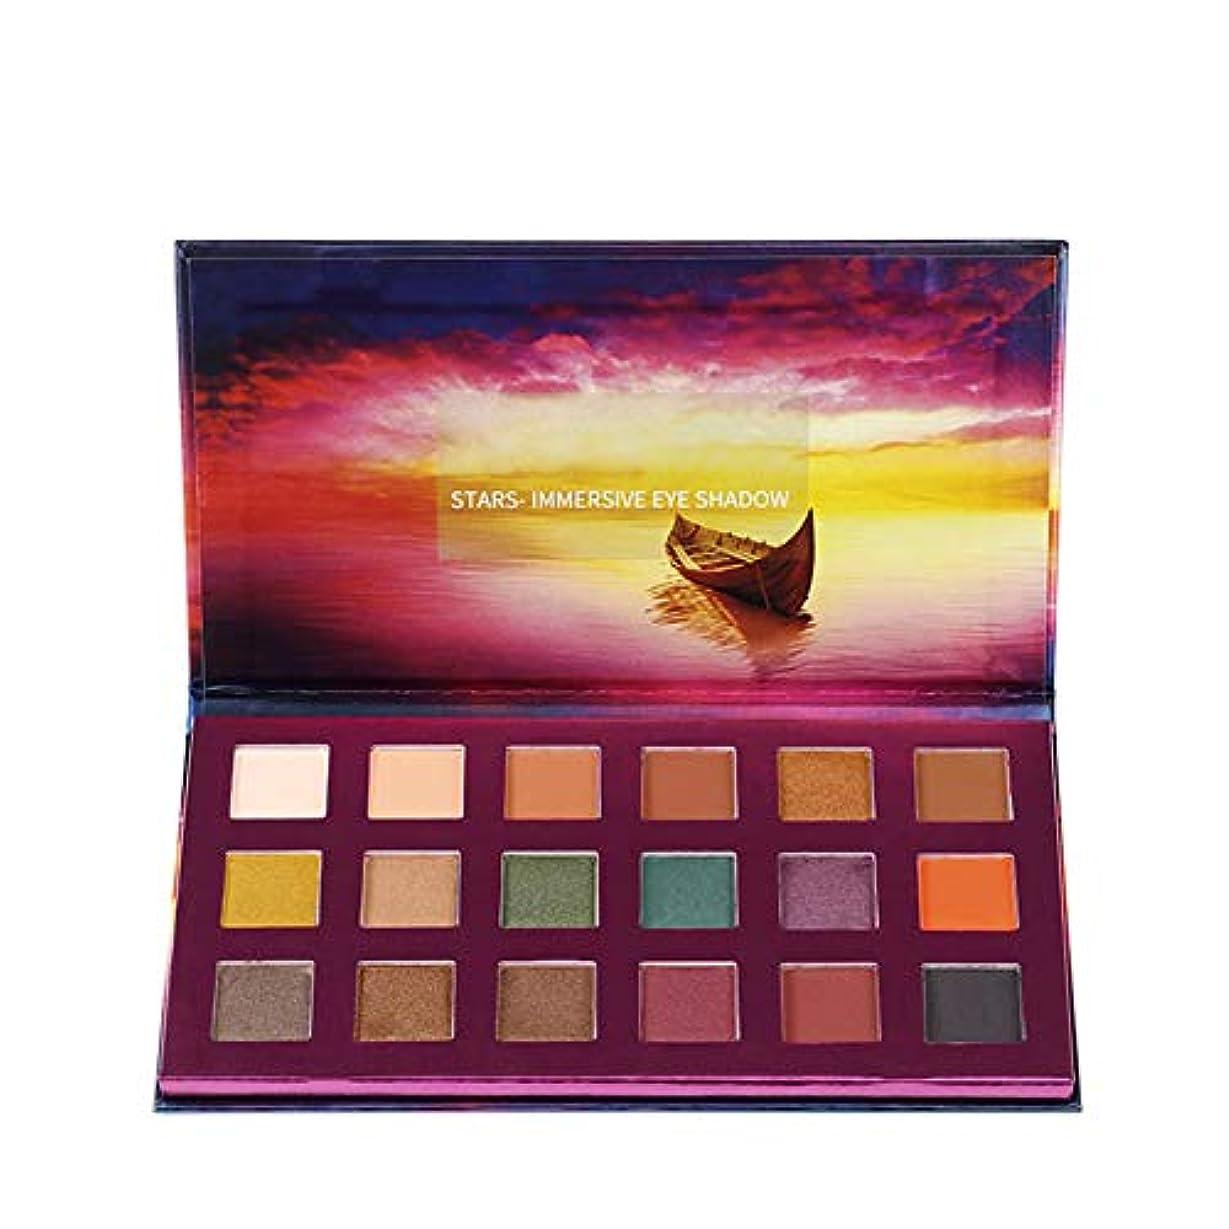 おしゃれじゃないかまどカートsunyueydeng アイシャドウ, 新しいアイシャドーワンリーフ18色のアイシャドーマット真珠光沢のある粉の化粧箱(2475)